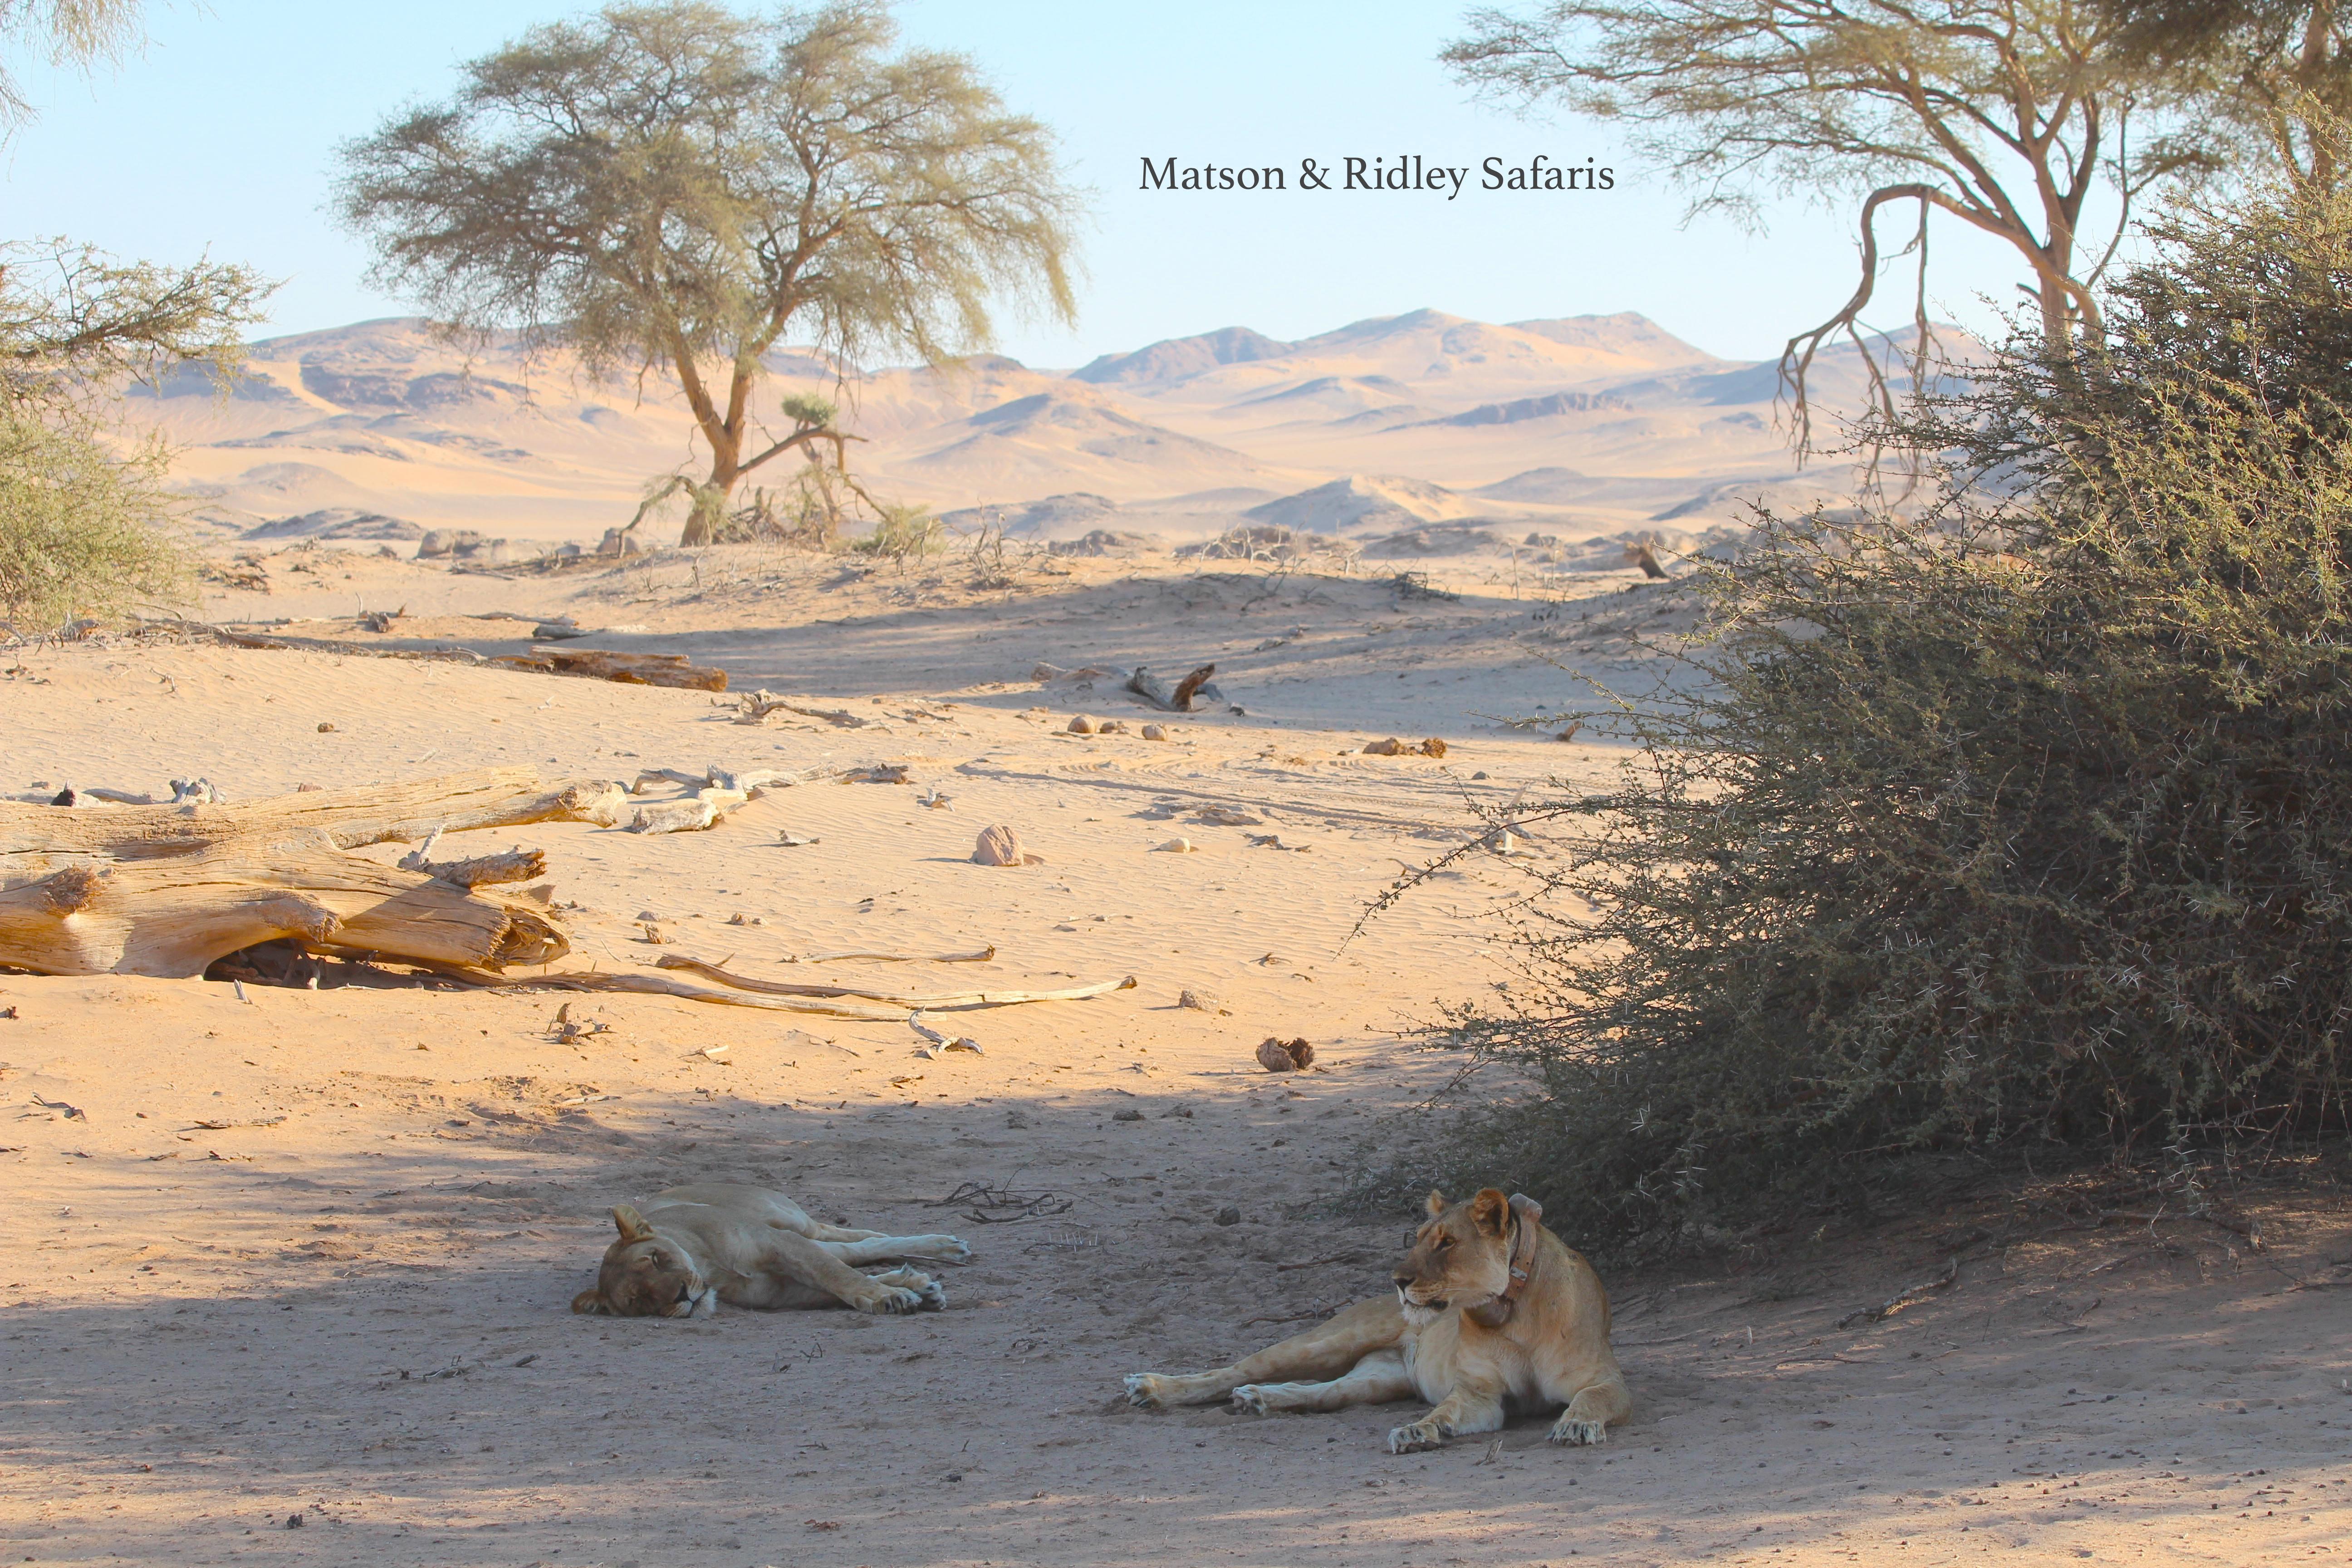 Desert lionesses